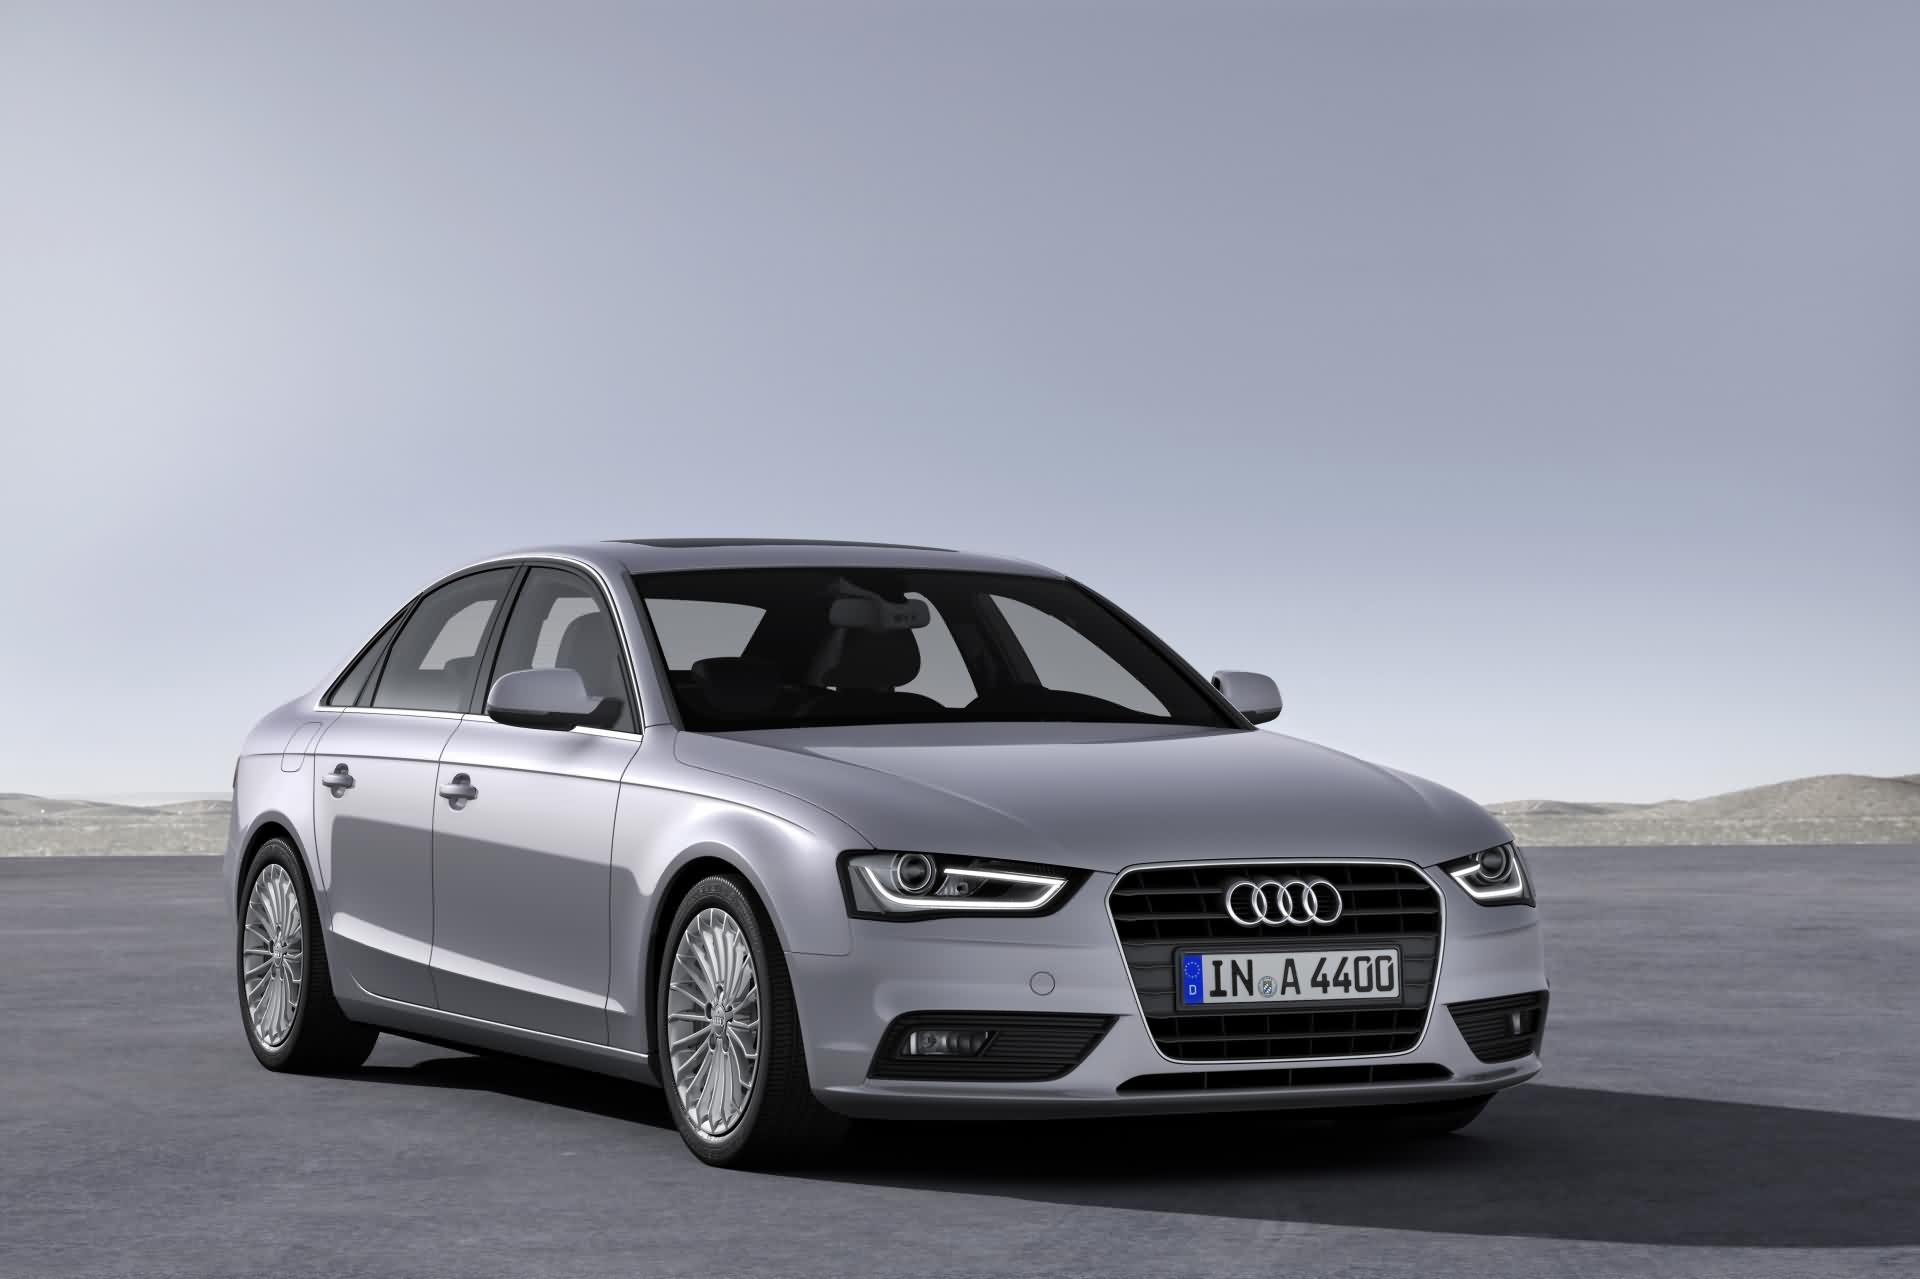 Ausführliche Modellbeschreibung über Den Audi A4 B8